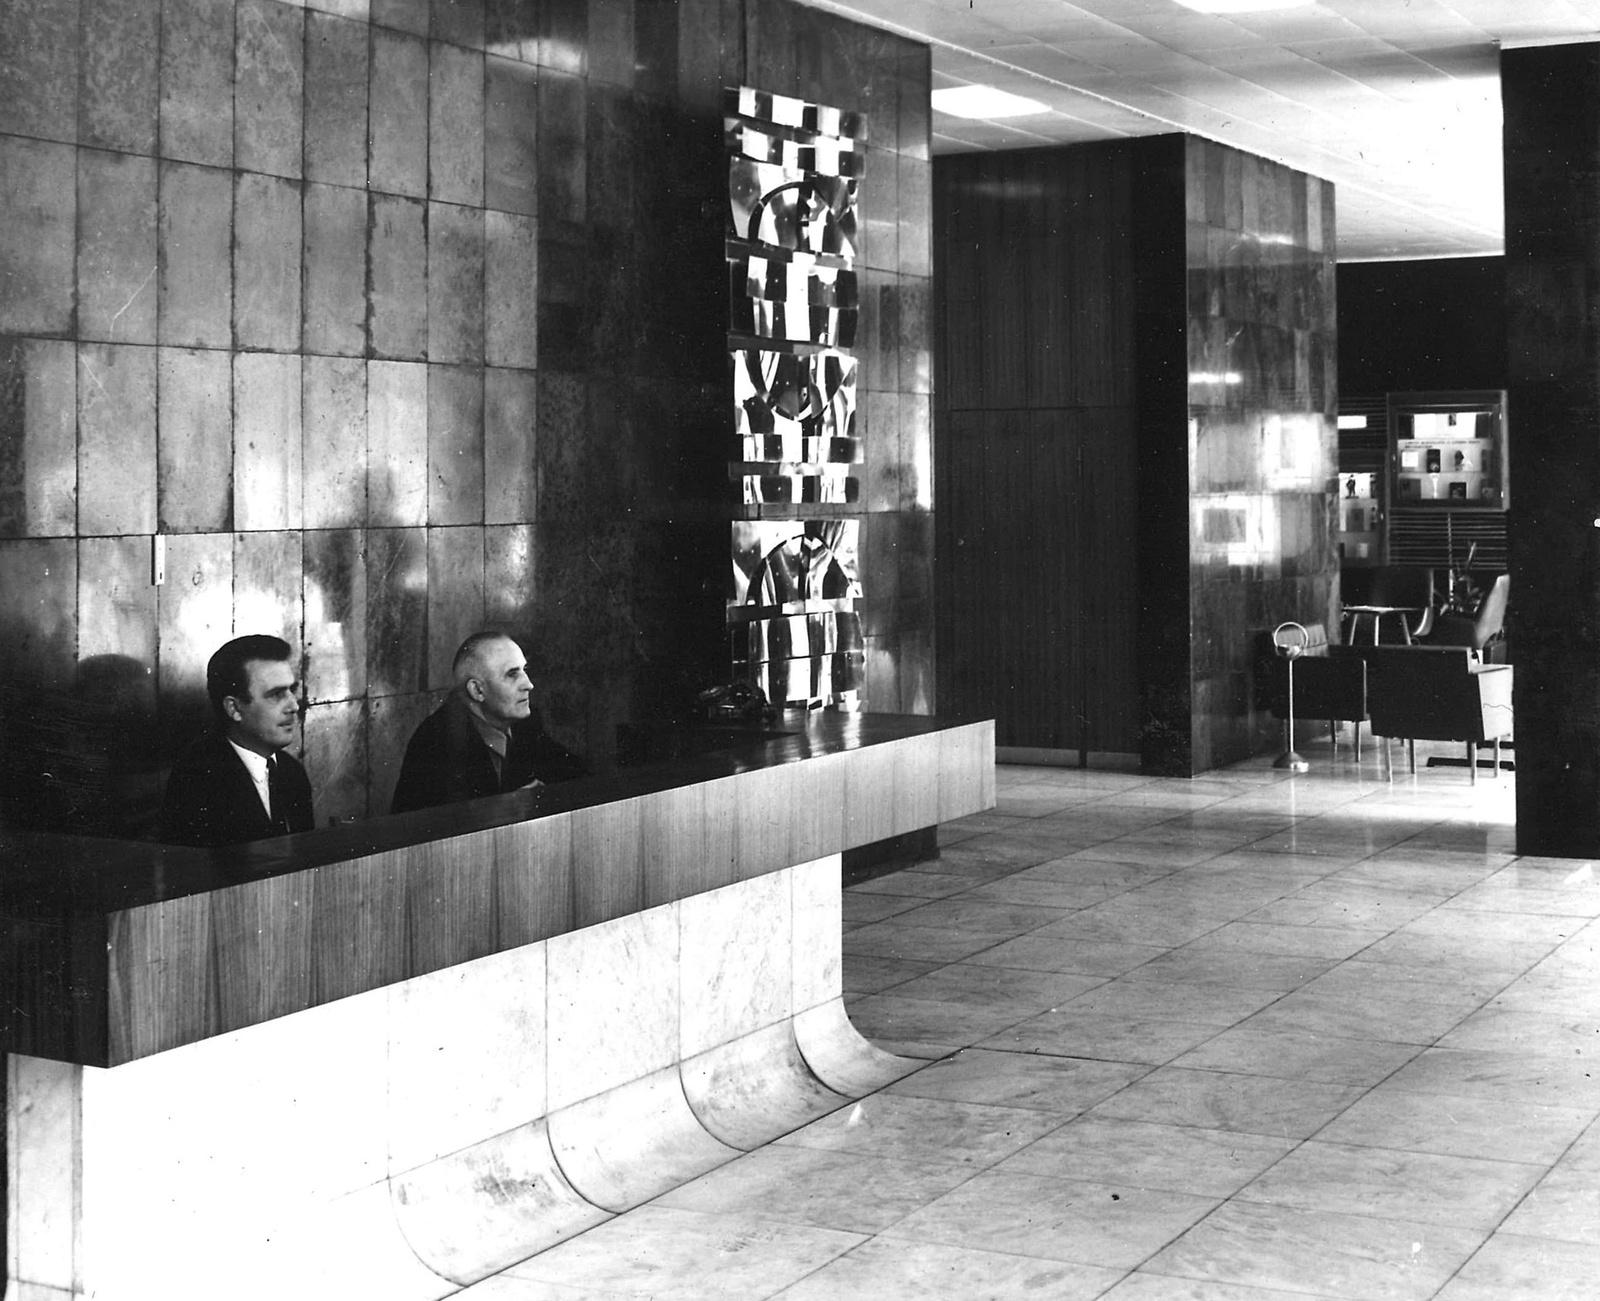 GazdasagiMiniszterium-MargitKrt-1970esEvek-14